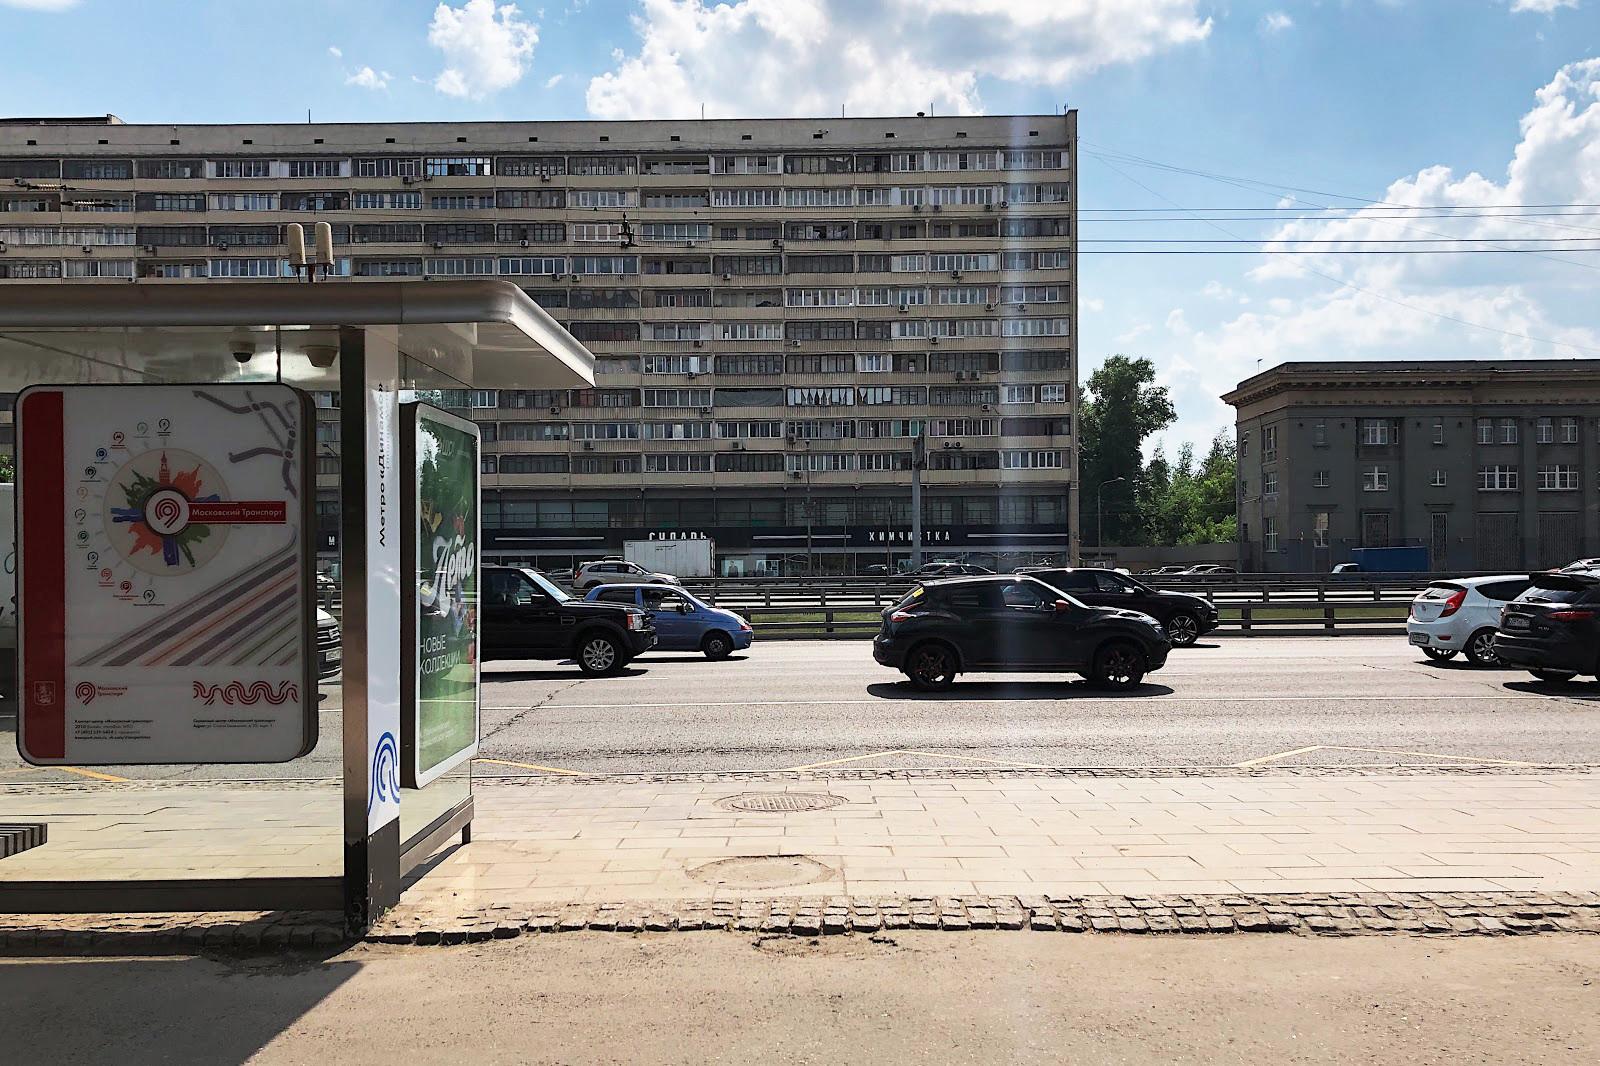 Жилой дом на Ленинградском проспекте. Был построен в 1964 году для рабочих ОКБ-155 – самолетостроительного завода МиГ